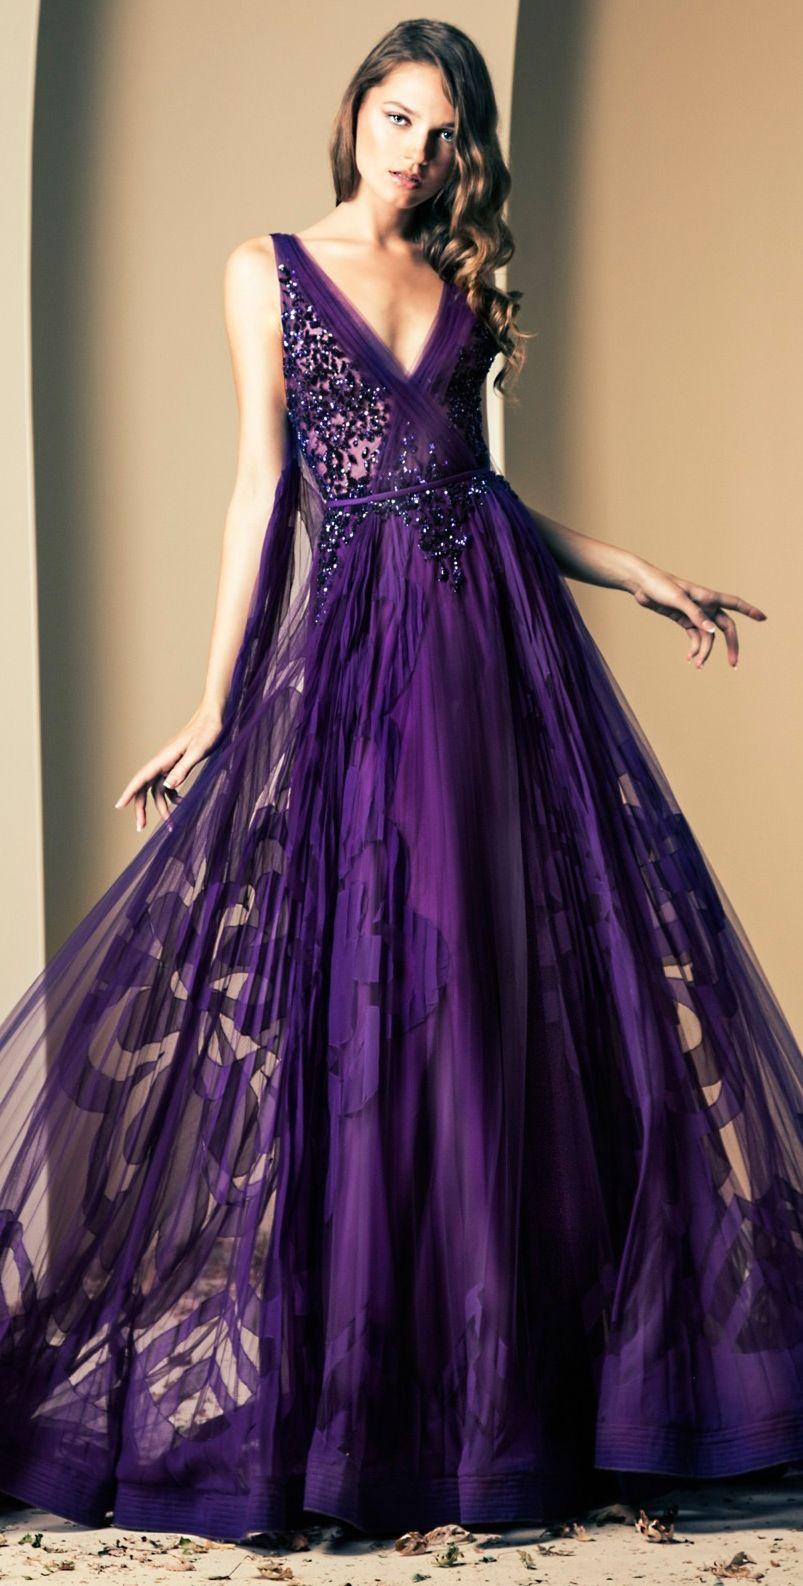 En otro color... | Moda... | Pinterest | Color, Vestiditos y Alta ...